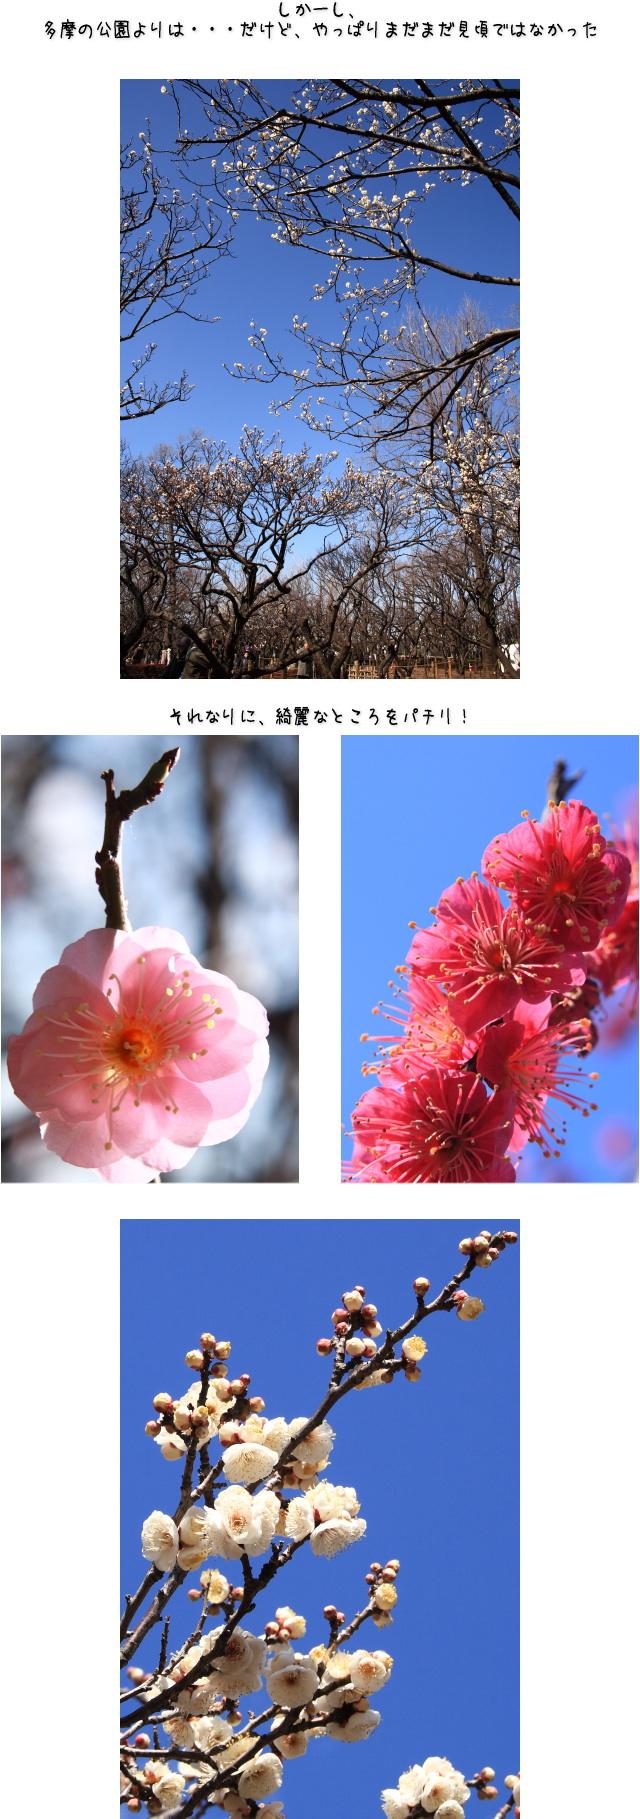 b0183917_12041517.jpg